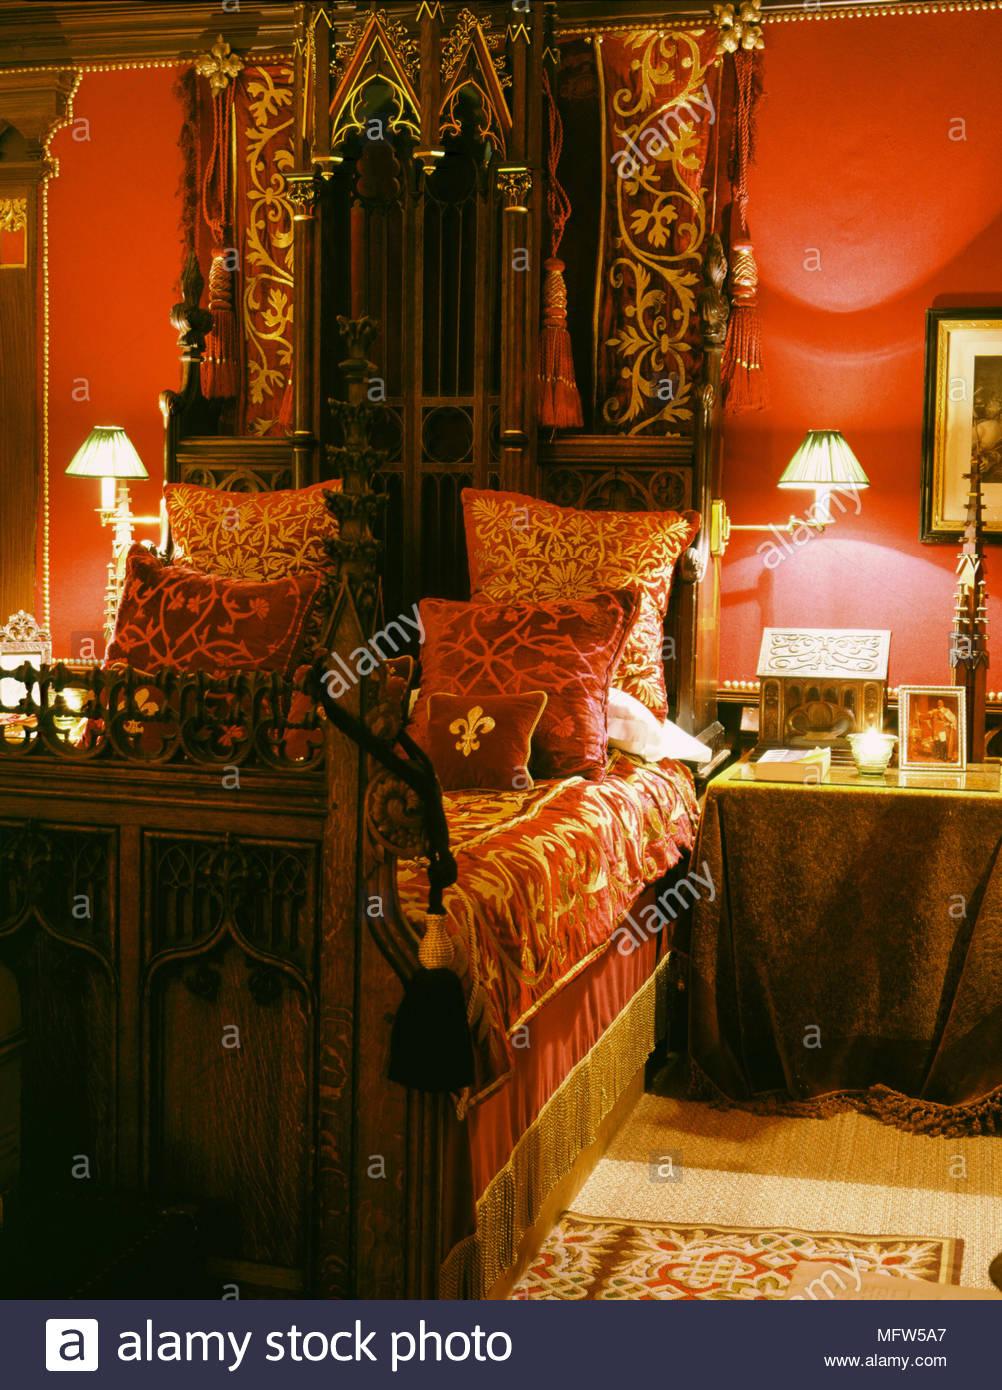 Full Size of Romantische Schlafzimmer Traditionelles Rotes Aus Holz Geschnitzte Bett Samt Klimagerät Für Sessel Betten Komplett Massivholz Fototapete Landhaus Günstige Schlafzimmer Romantische Schlafzimmer